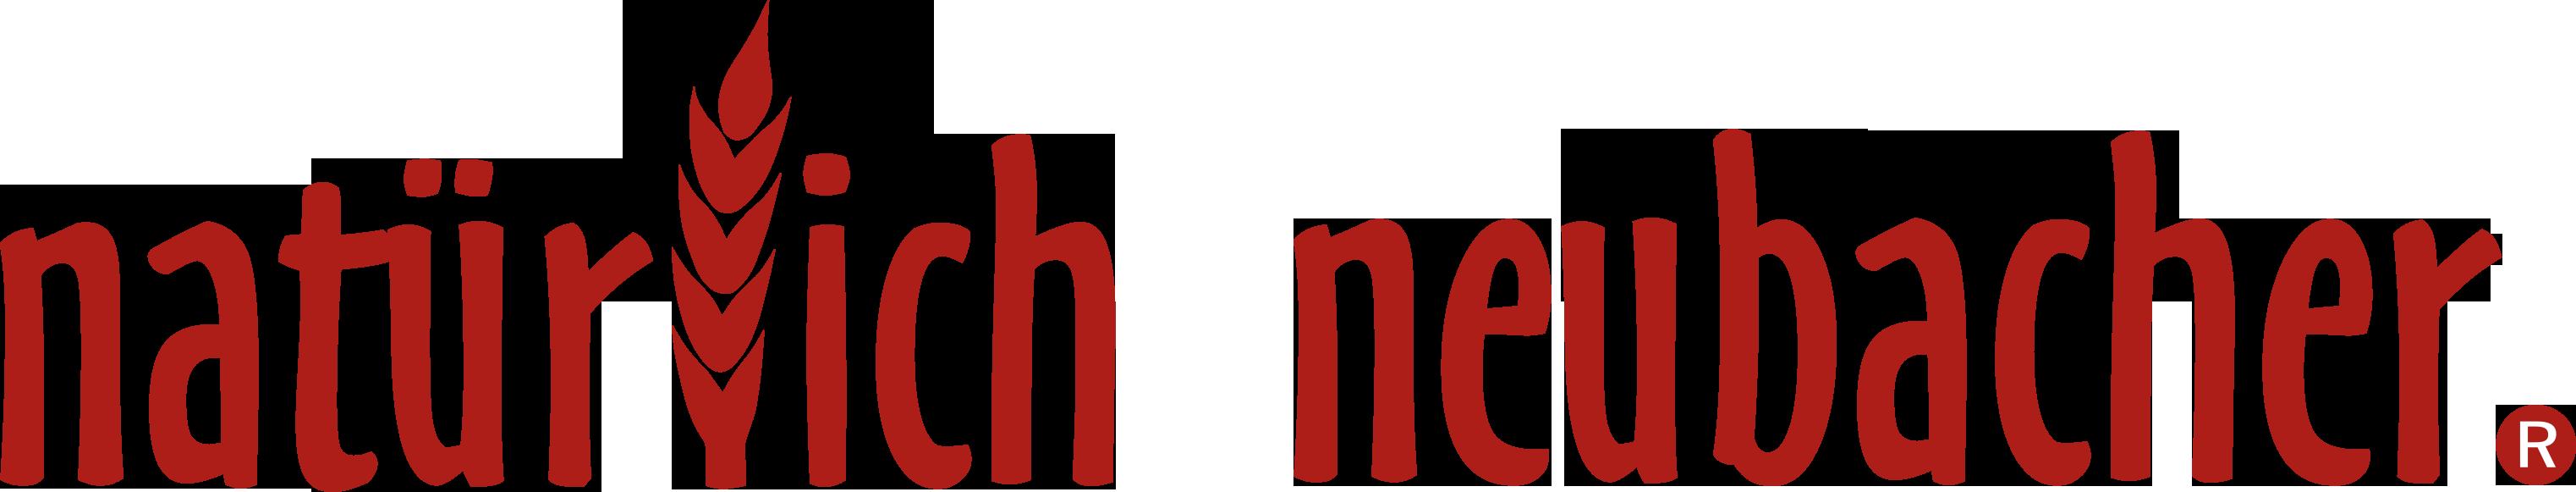 Natürlich Neubacher